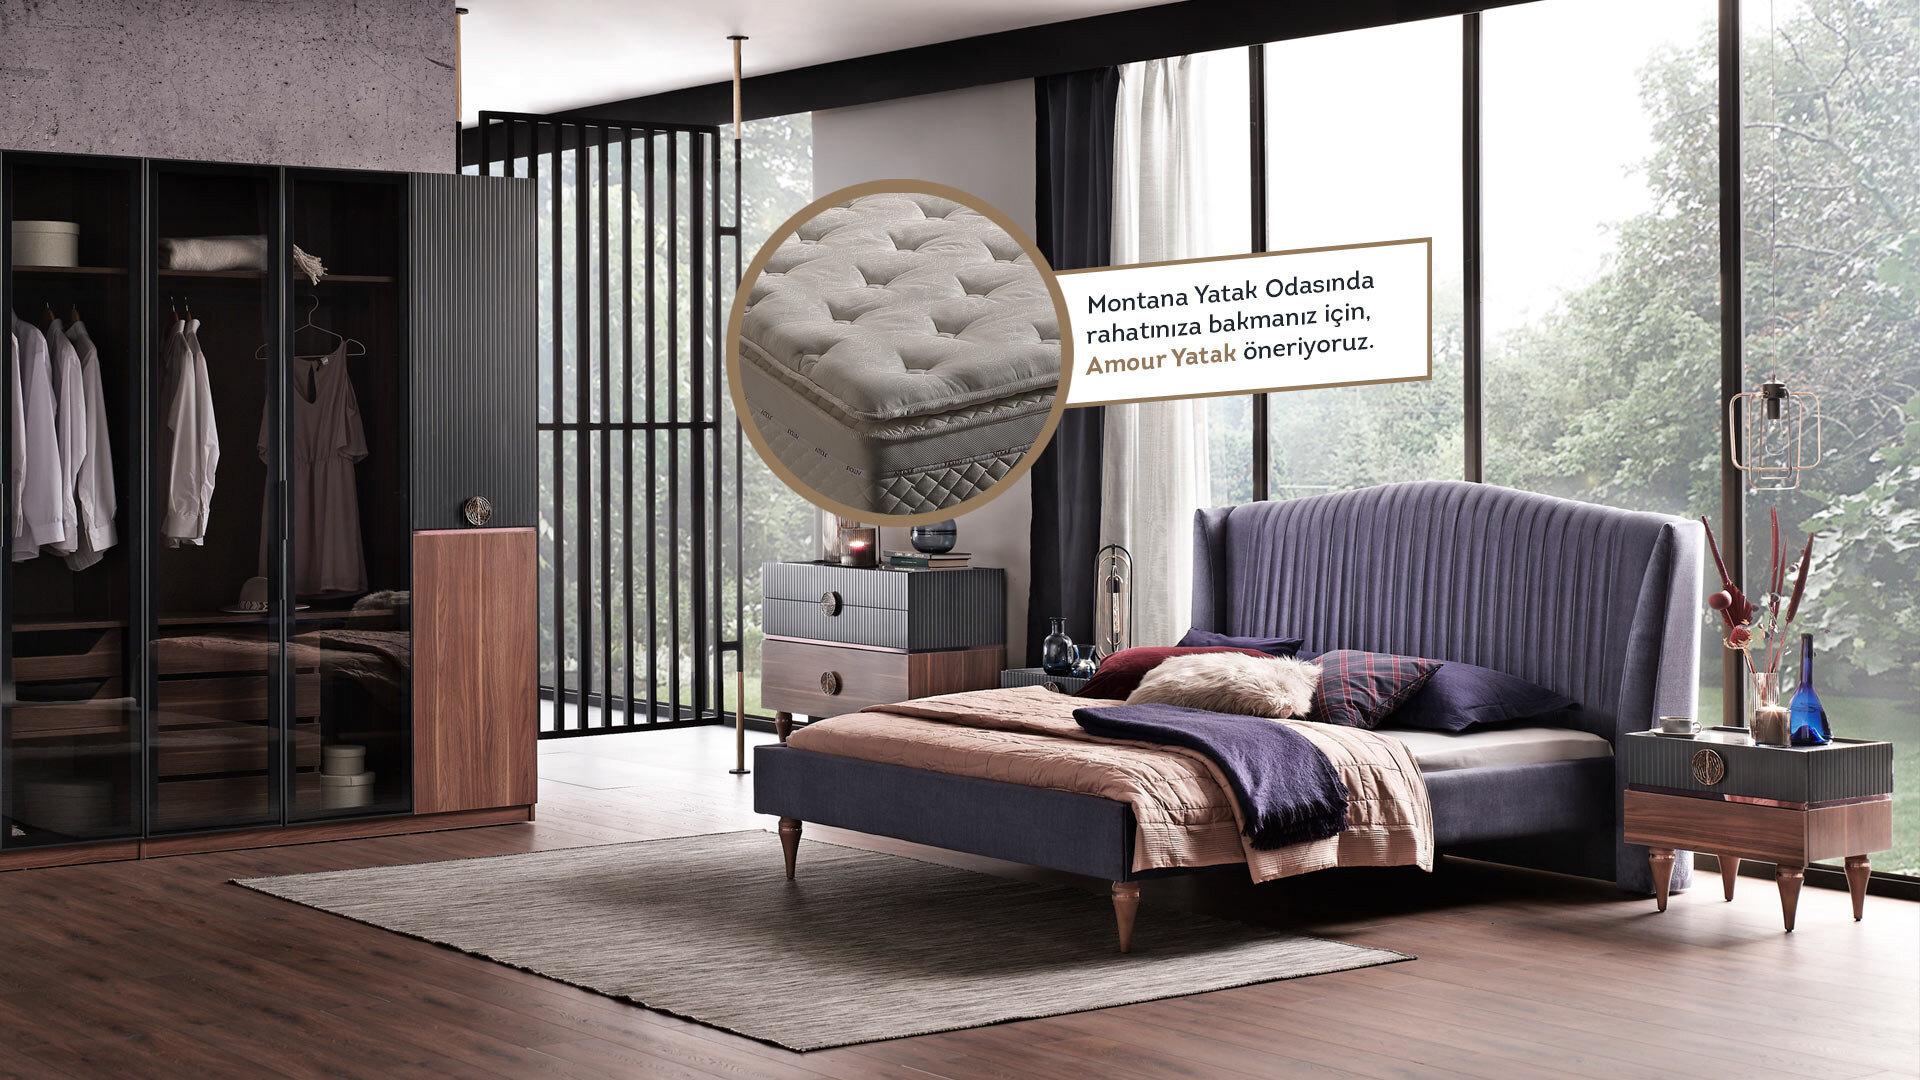 Montana Yatak Odası